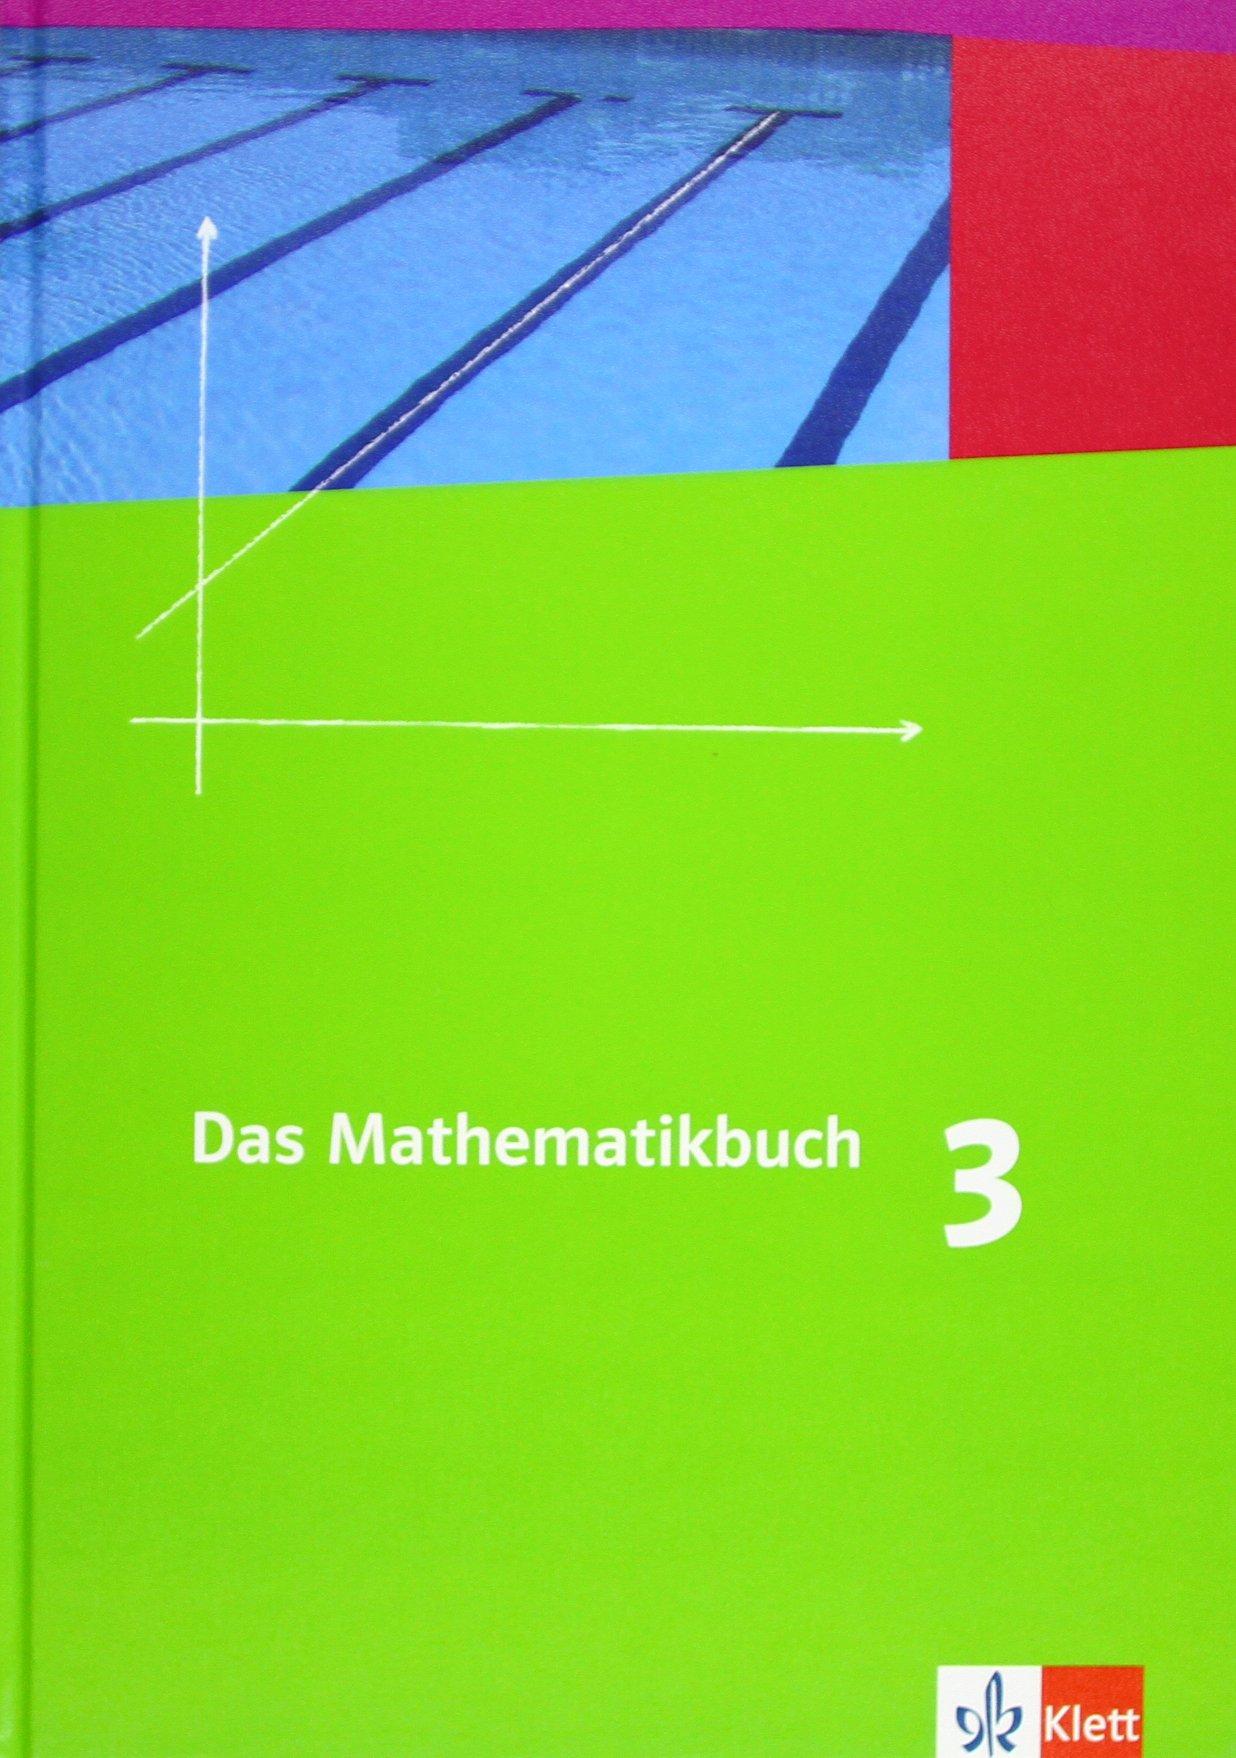 Das Mathematikbuch - Ausgabe B / Für Rheinland-Pfalz und Baden-Württemberg: Das Mathematikbuch - Ausgabe B / Schülerbuch 7. Schuljahr: Für Rheinland-Pfalz und Baden-Württemberg